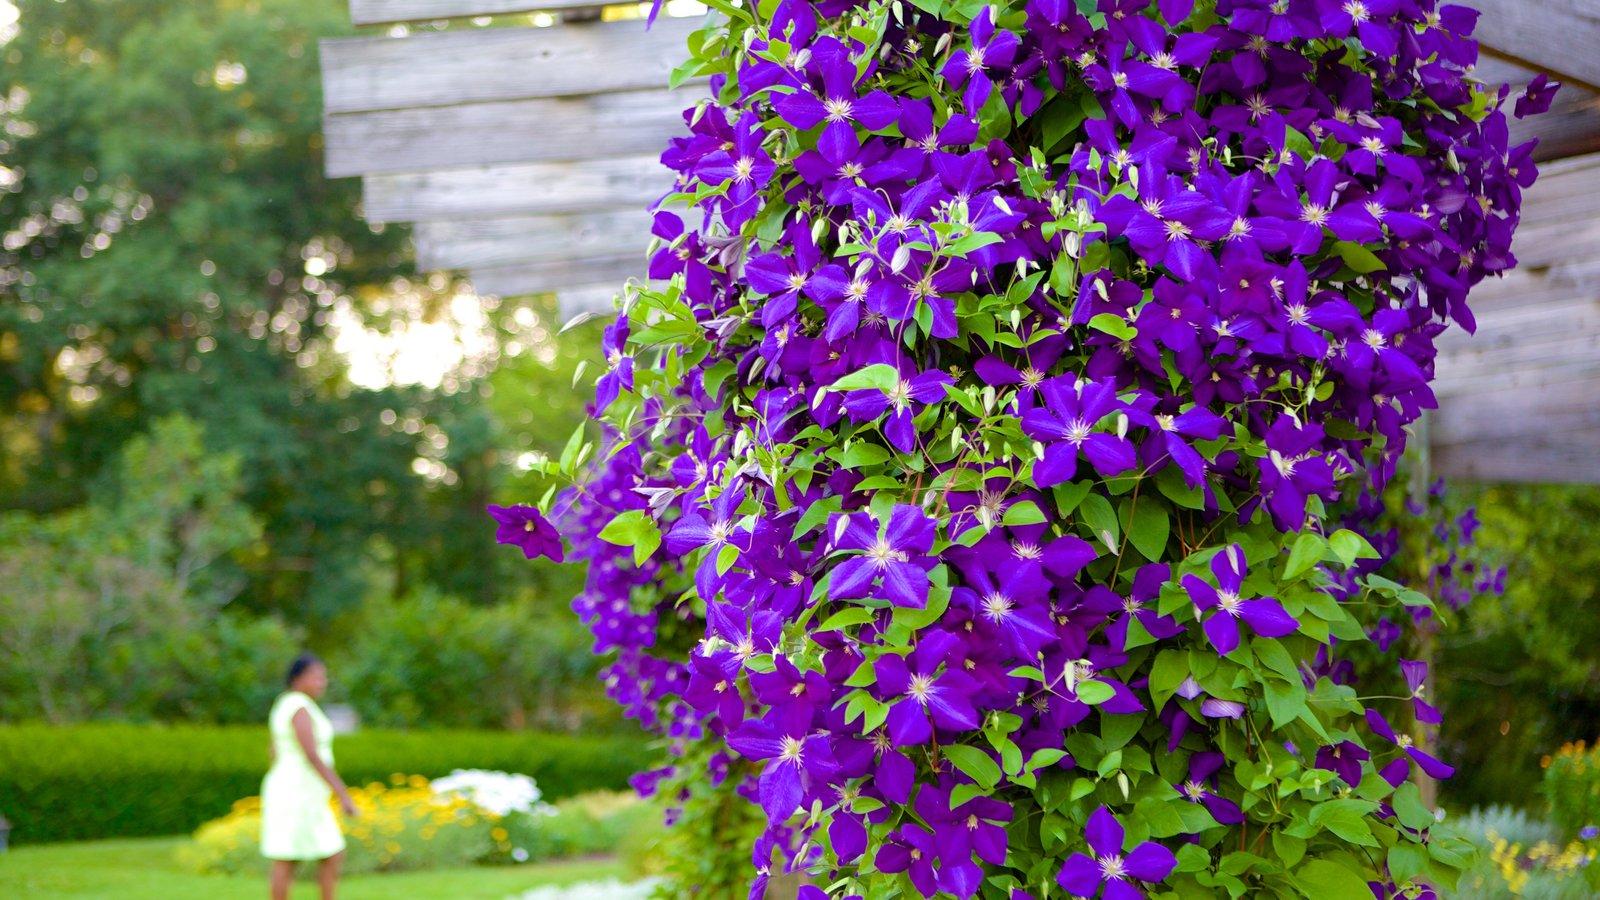 Elizabeth Park caracterizando flores silvestres, um jardim e flores